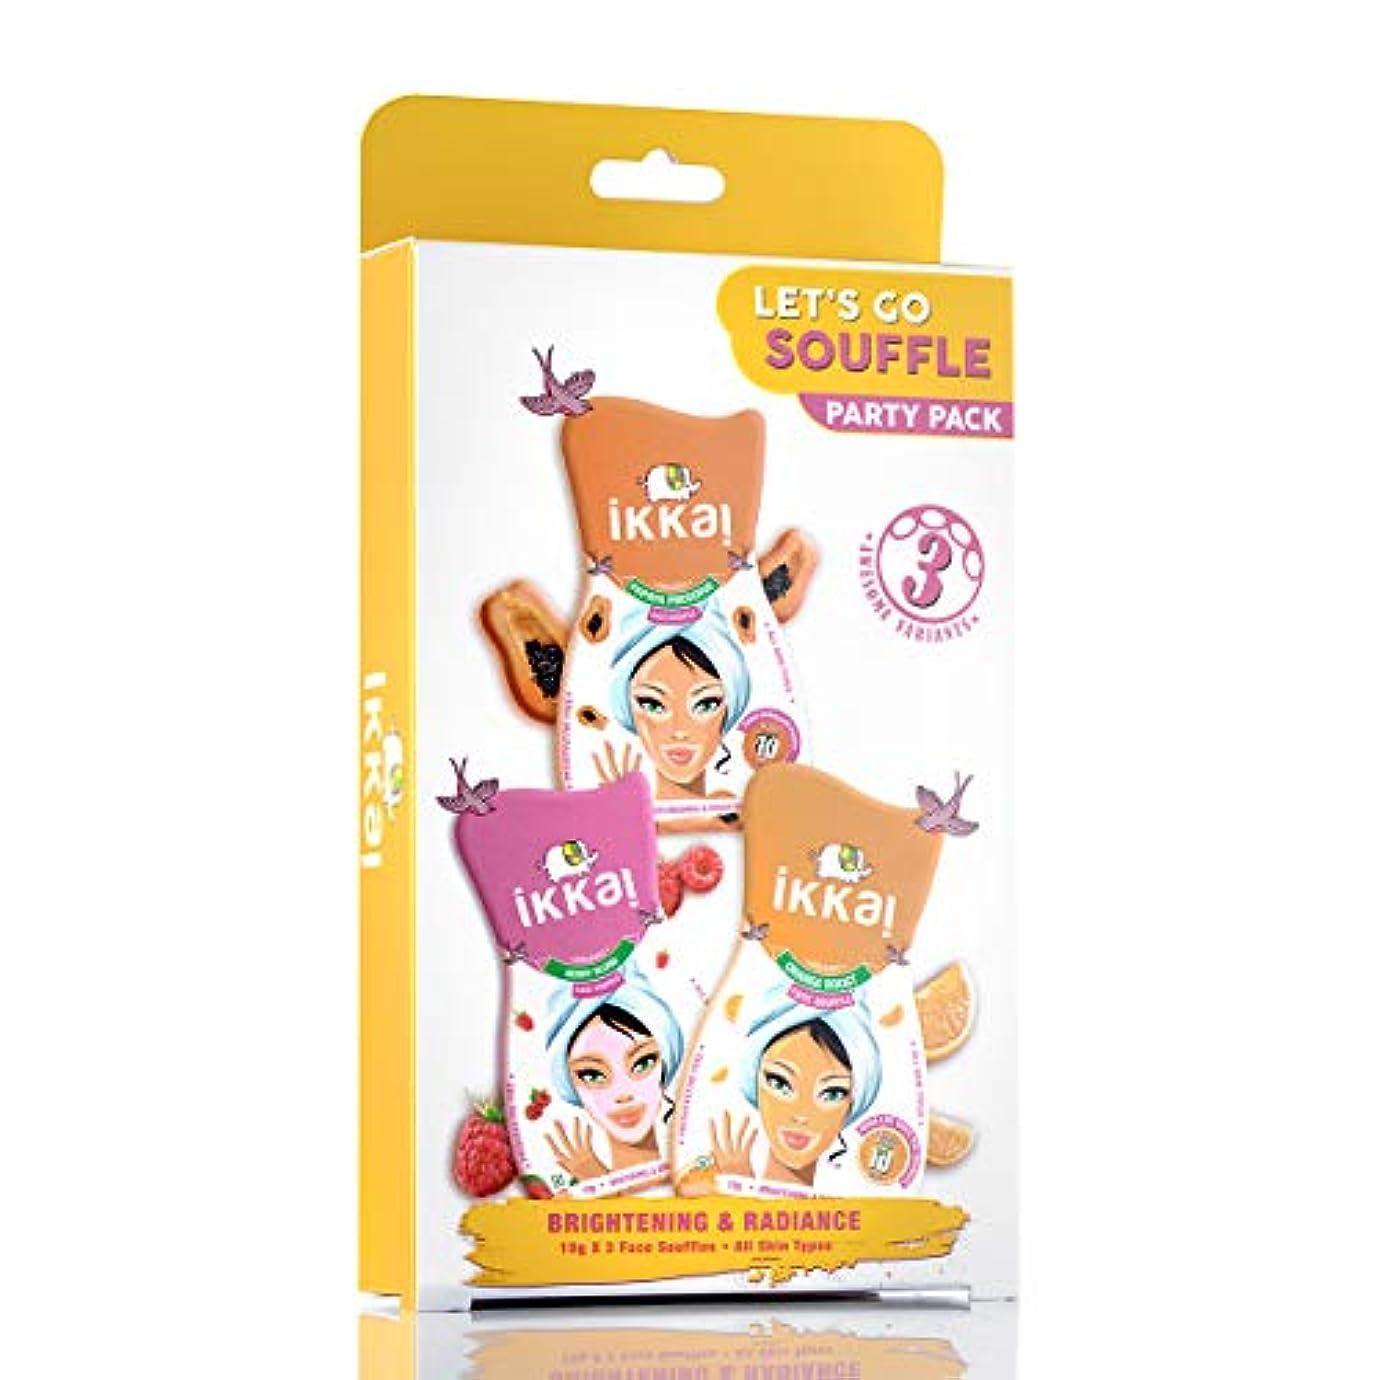 導入する報復引き金Ikkai by Lotus Herbals Lets Go Souffle Party Pack (1 Face Mask, 1 Face Scrub and 1 Face Souffle)